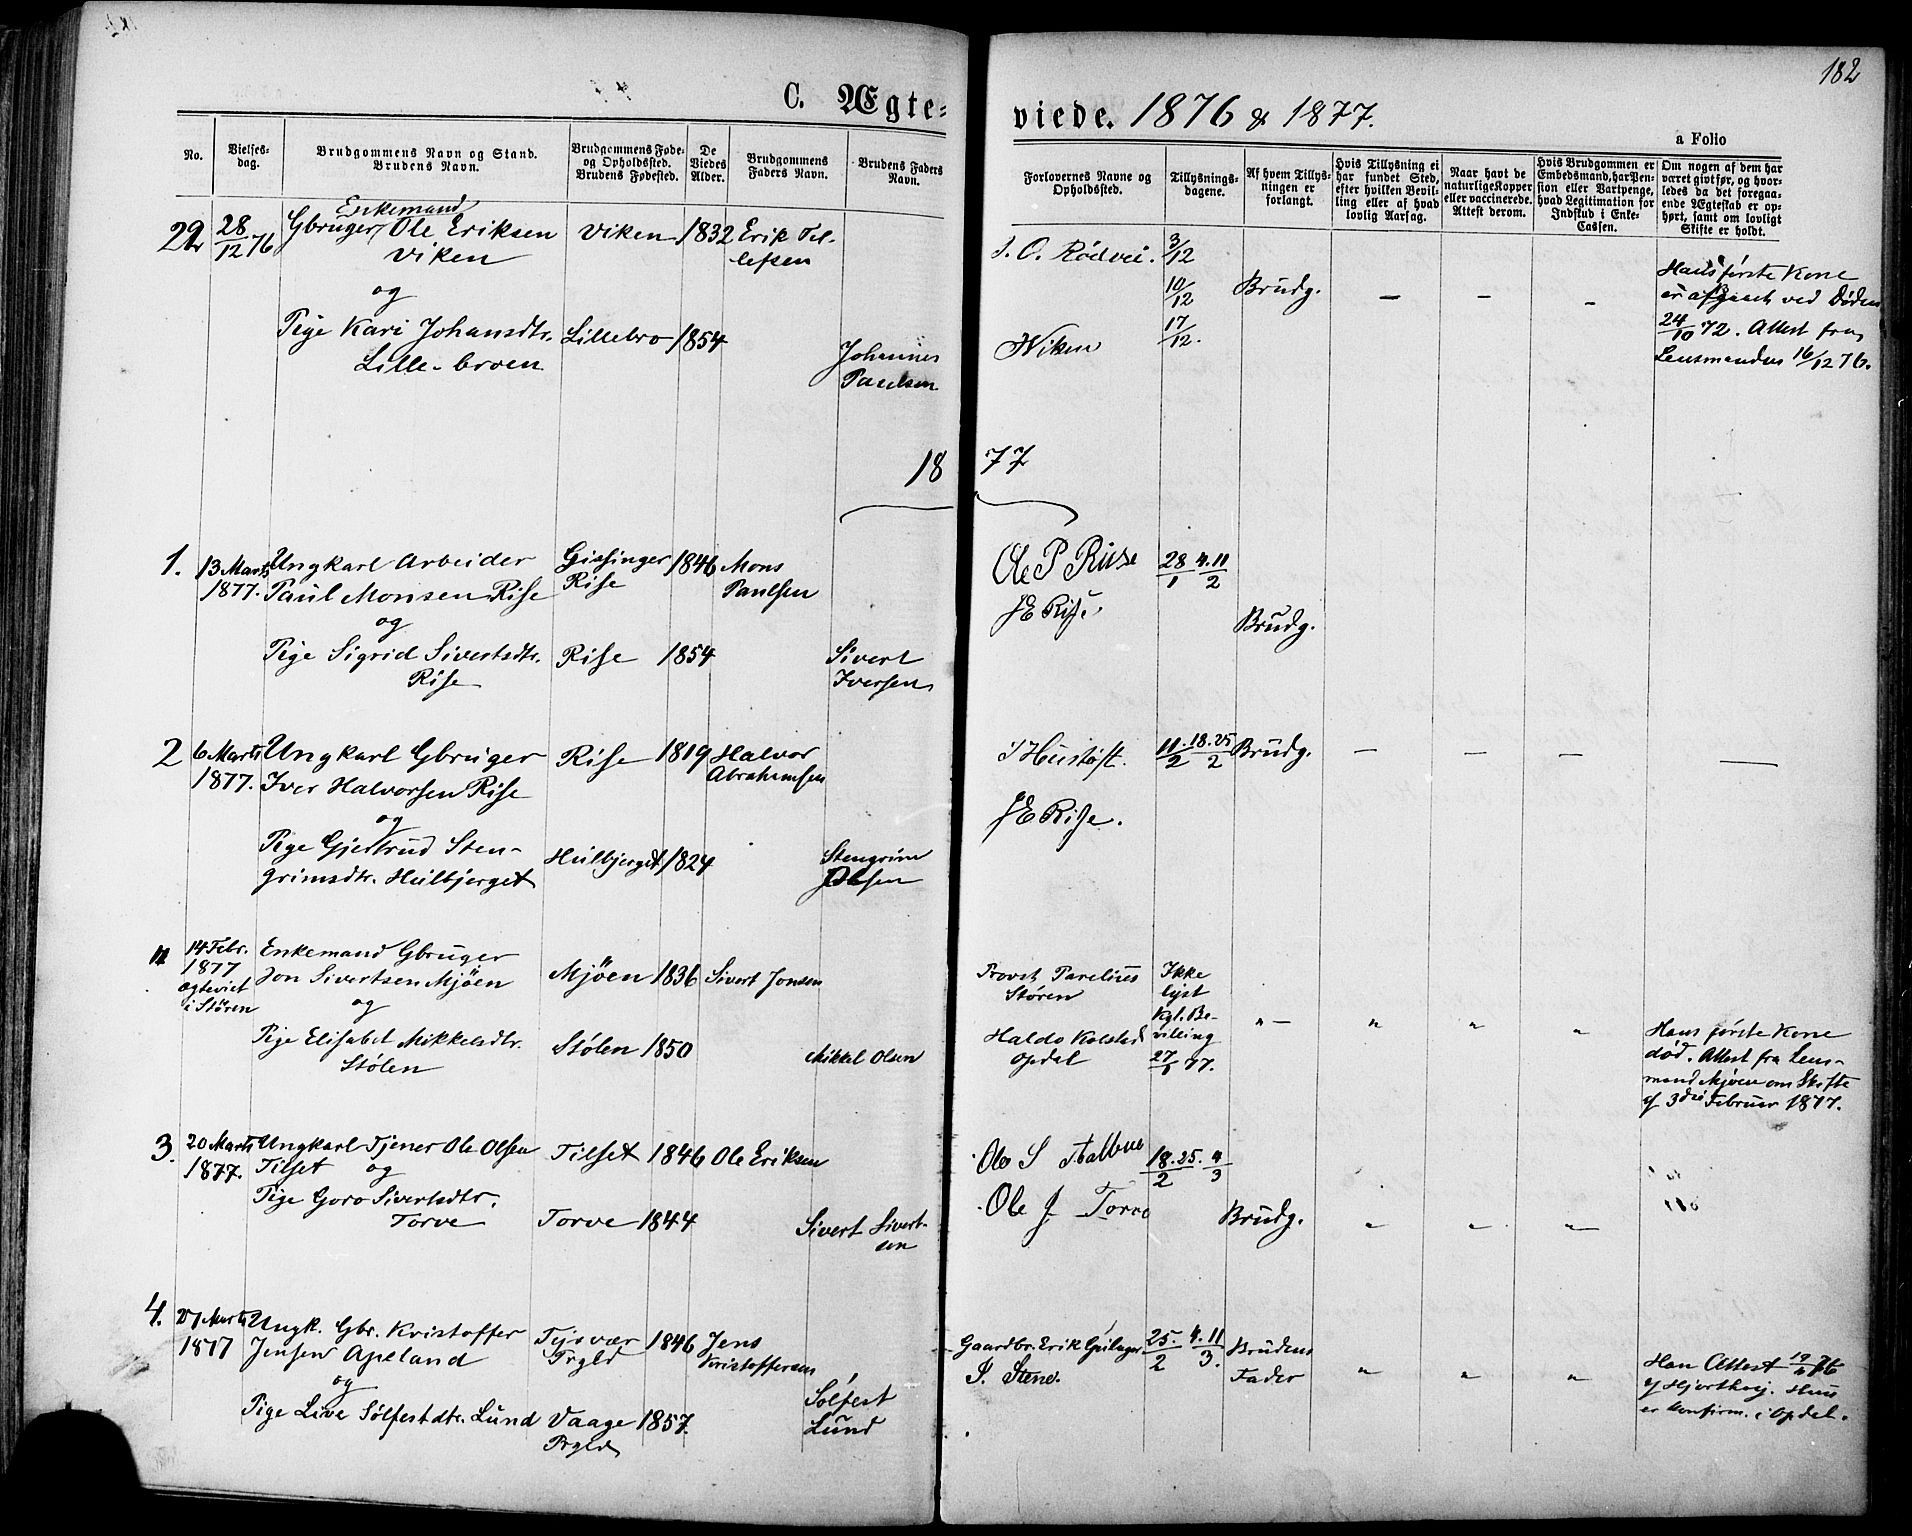 SAT, Ministerialprotokoller, klokkerbøker og fødselsregistre - Sør-Trøndelag, 678/L0900: Ministerialbok nr. 678A09, 1872-1881, s. 182